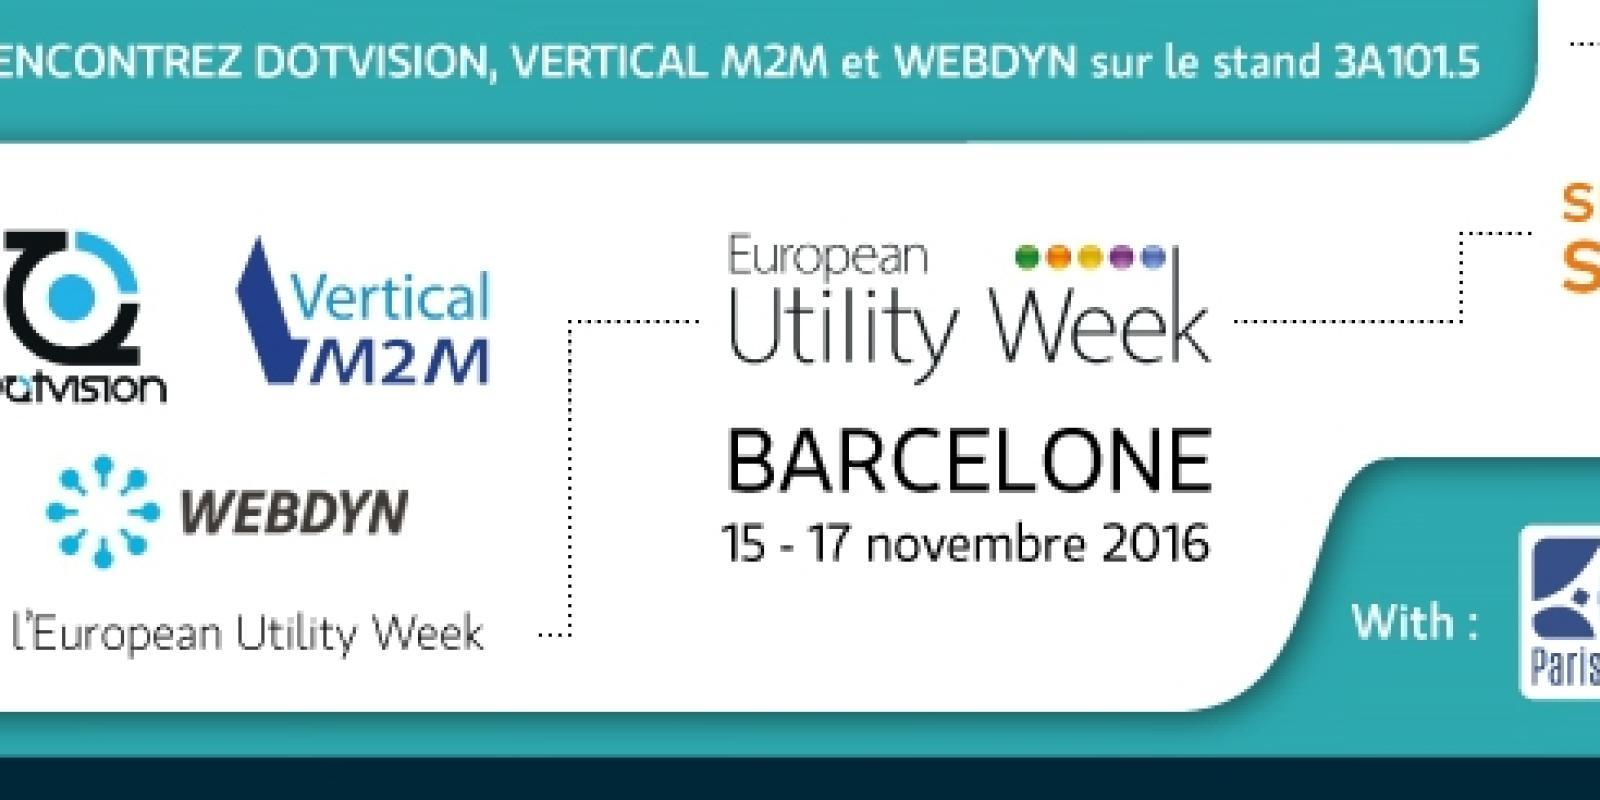 European Utility Week 2016 : DotVision, Vertical M2M, et Webdyn seront avec SYSTEMATIC à Barcelone, avec le soutien de la Région Ile-de-France